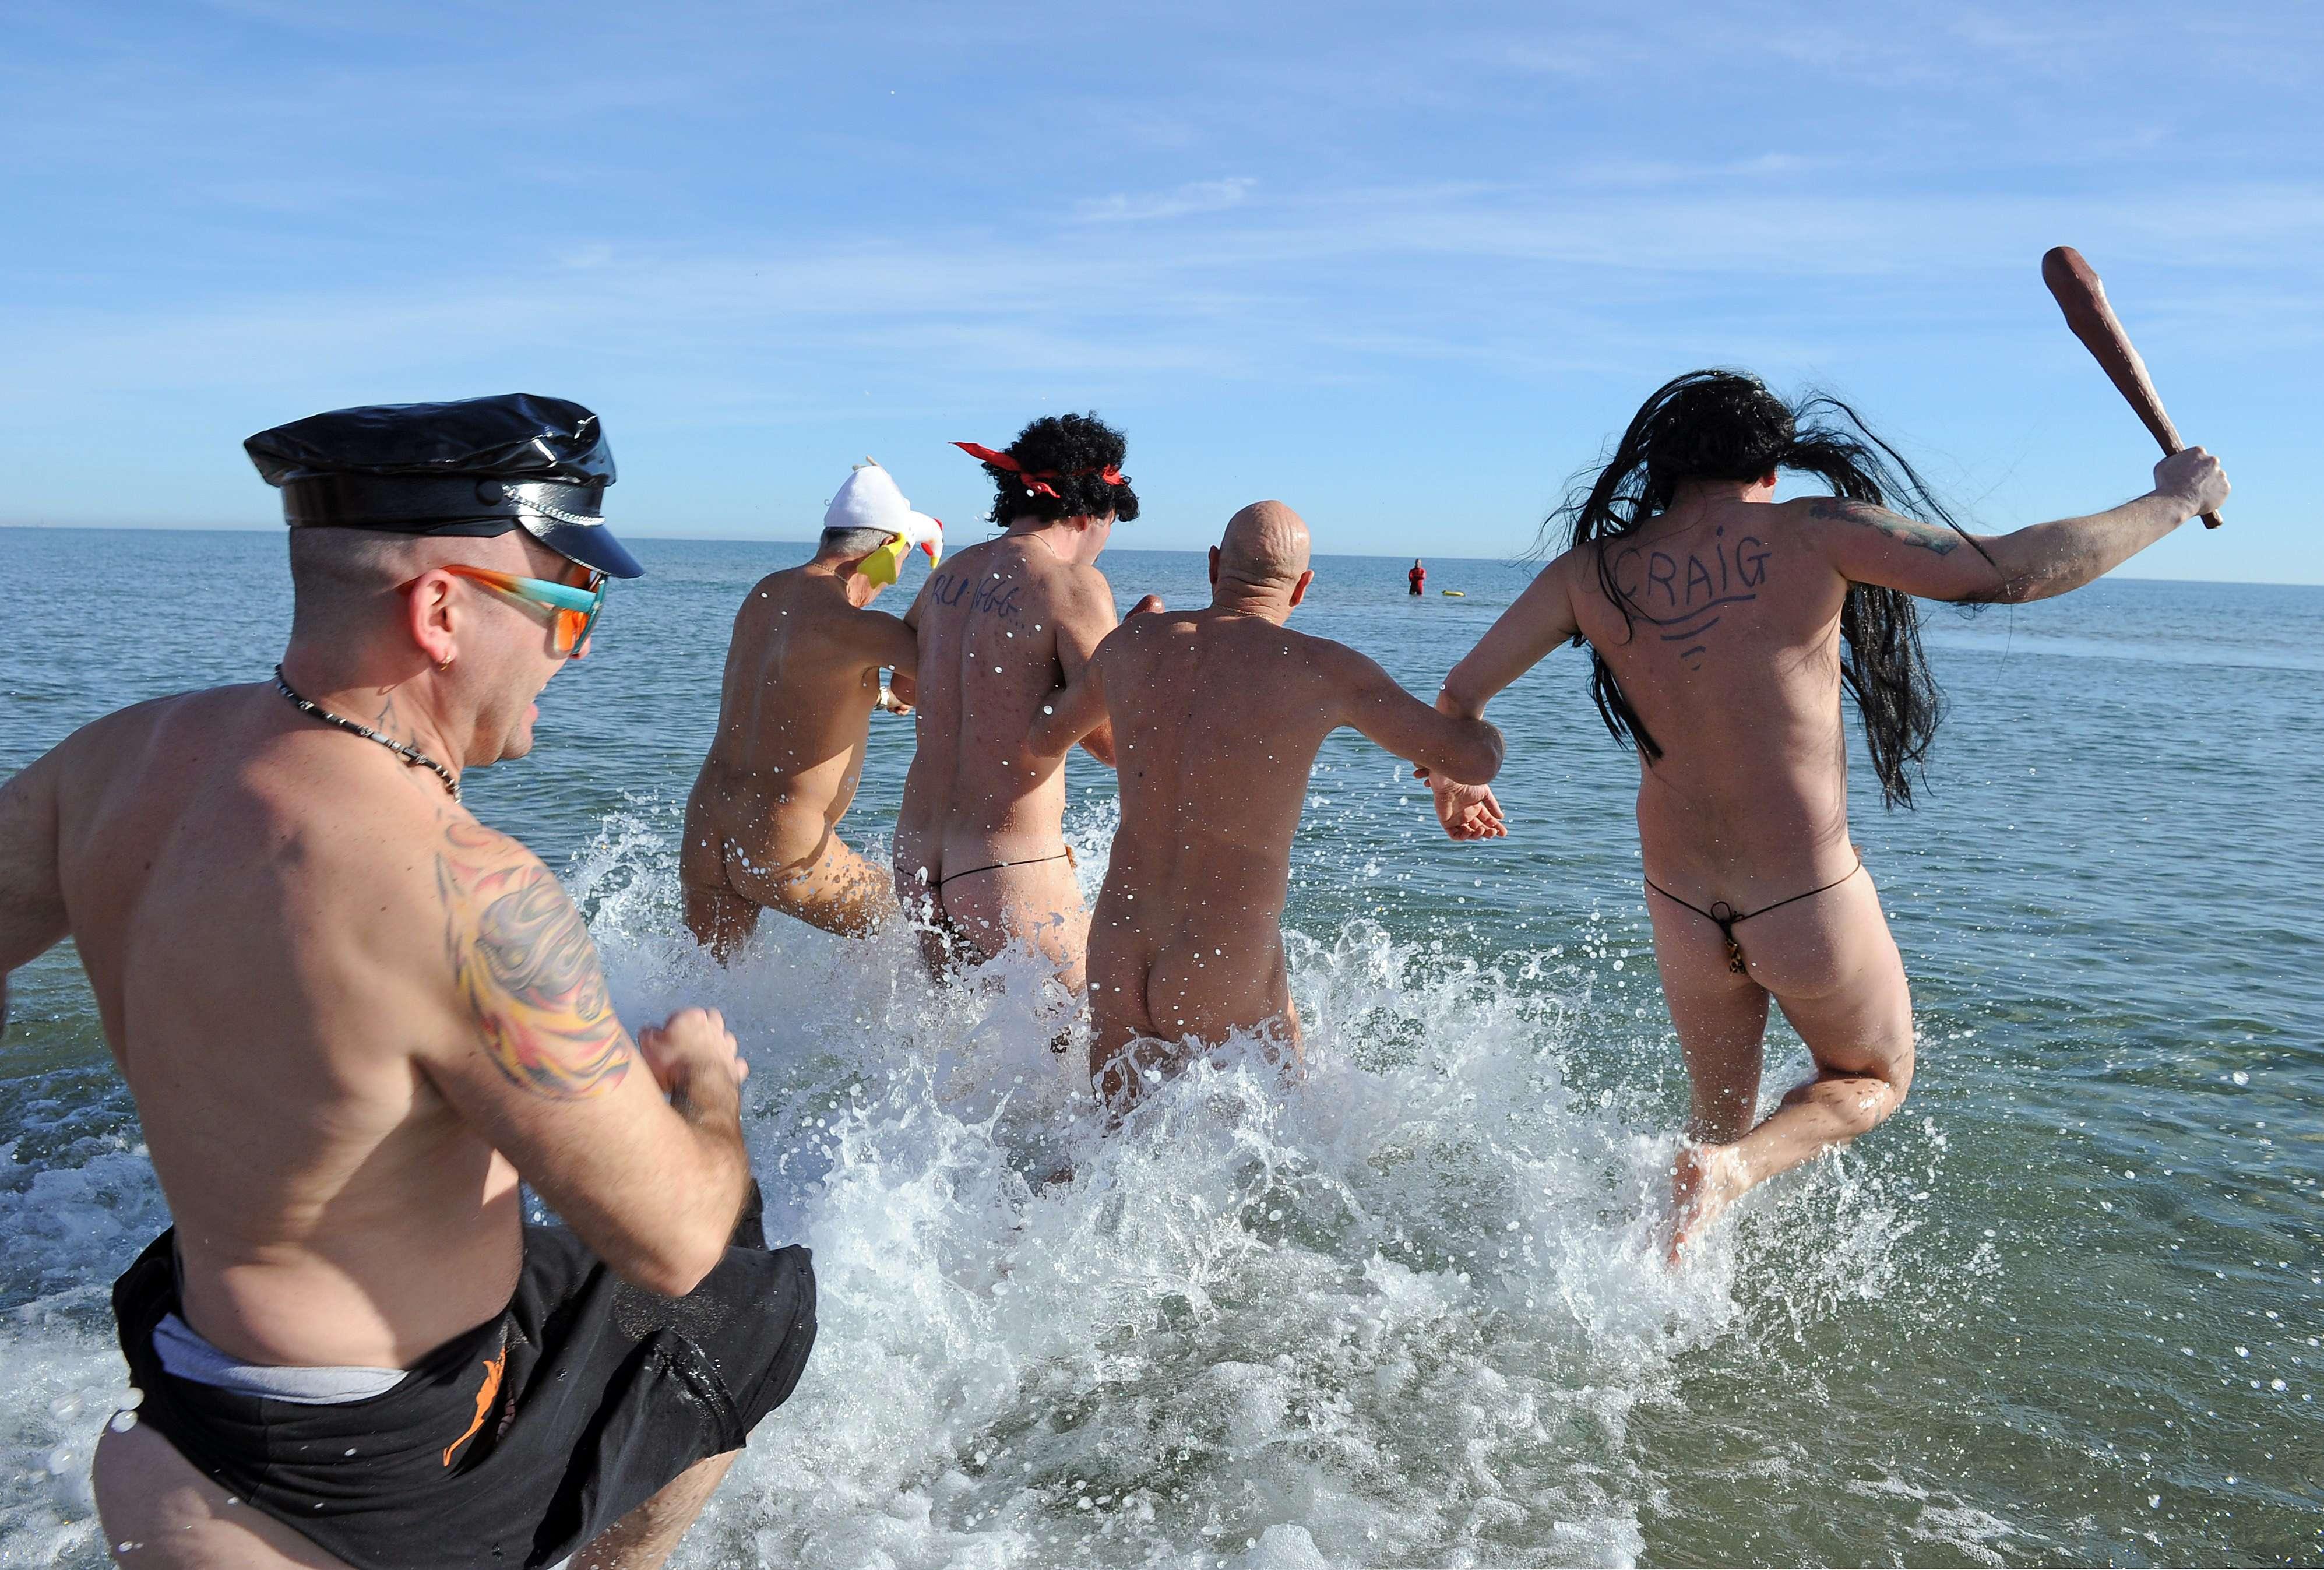 Banho tradicional de 31 de Dezembro numa praia de nudistas em Le Cap d'Agde em França